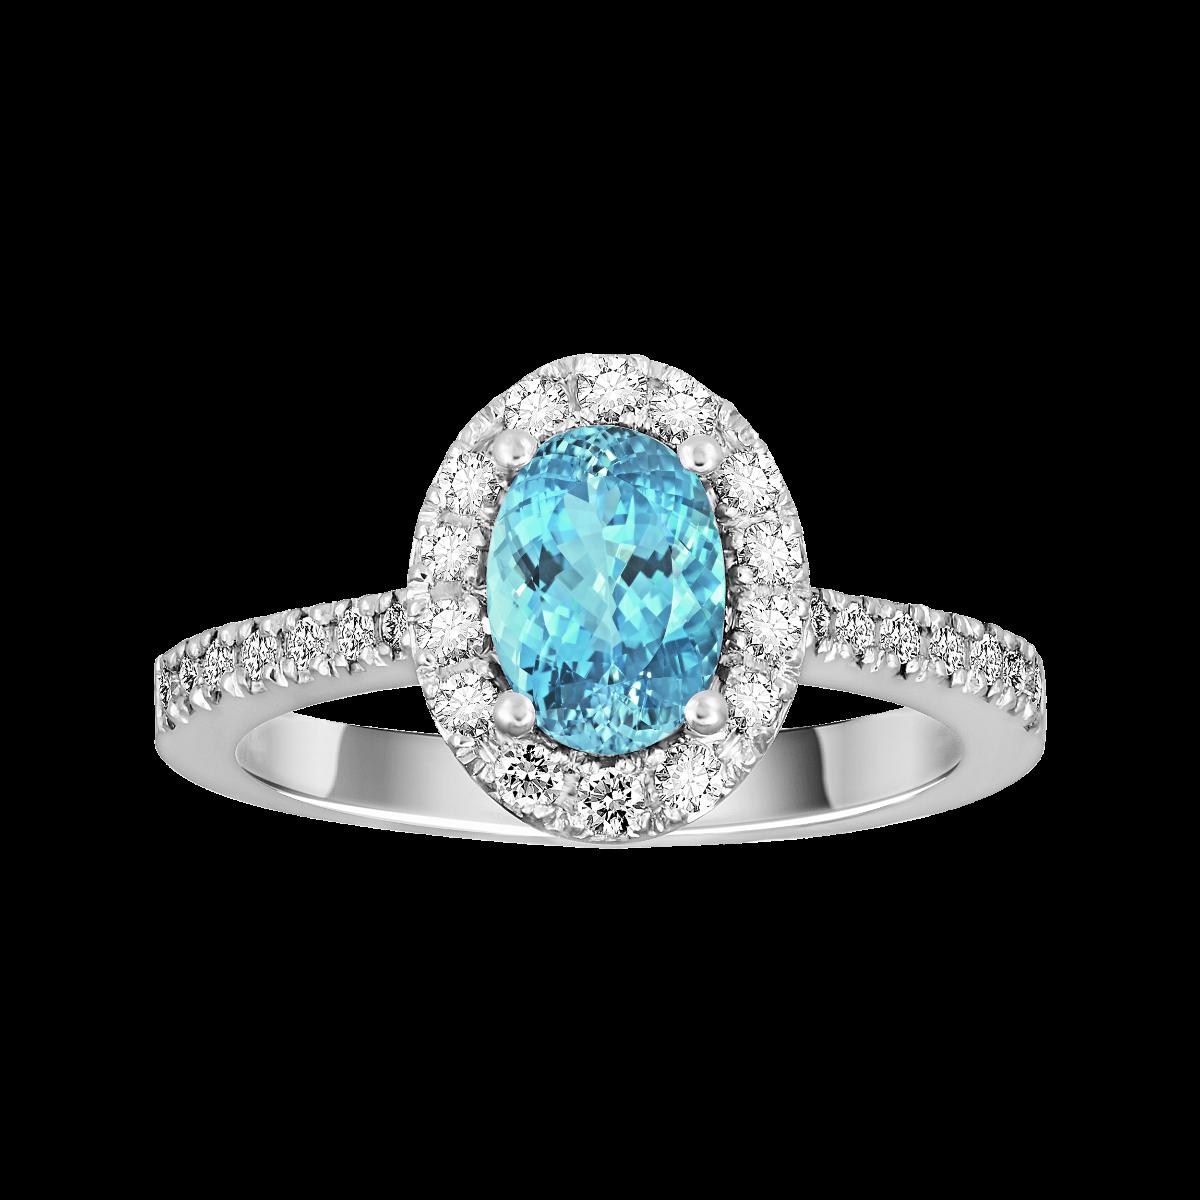 Anel de água-marinha e diamantes ouro branco